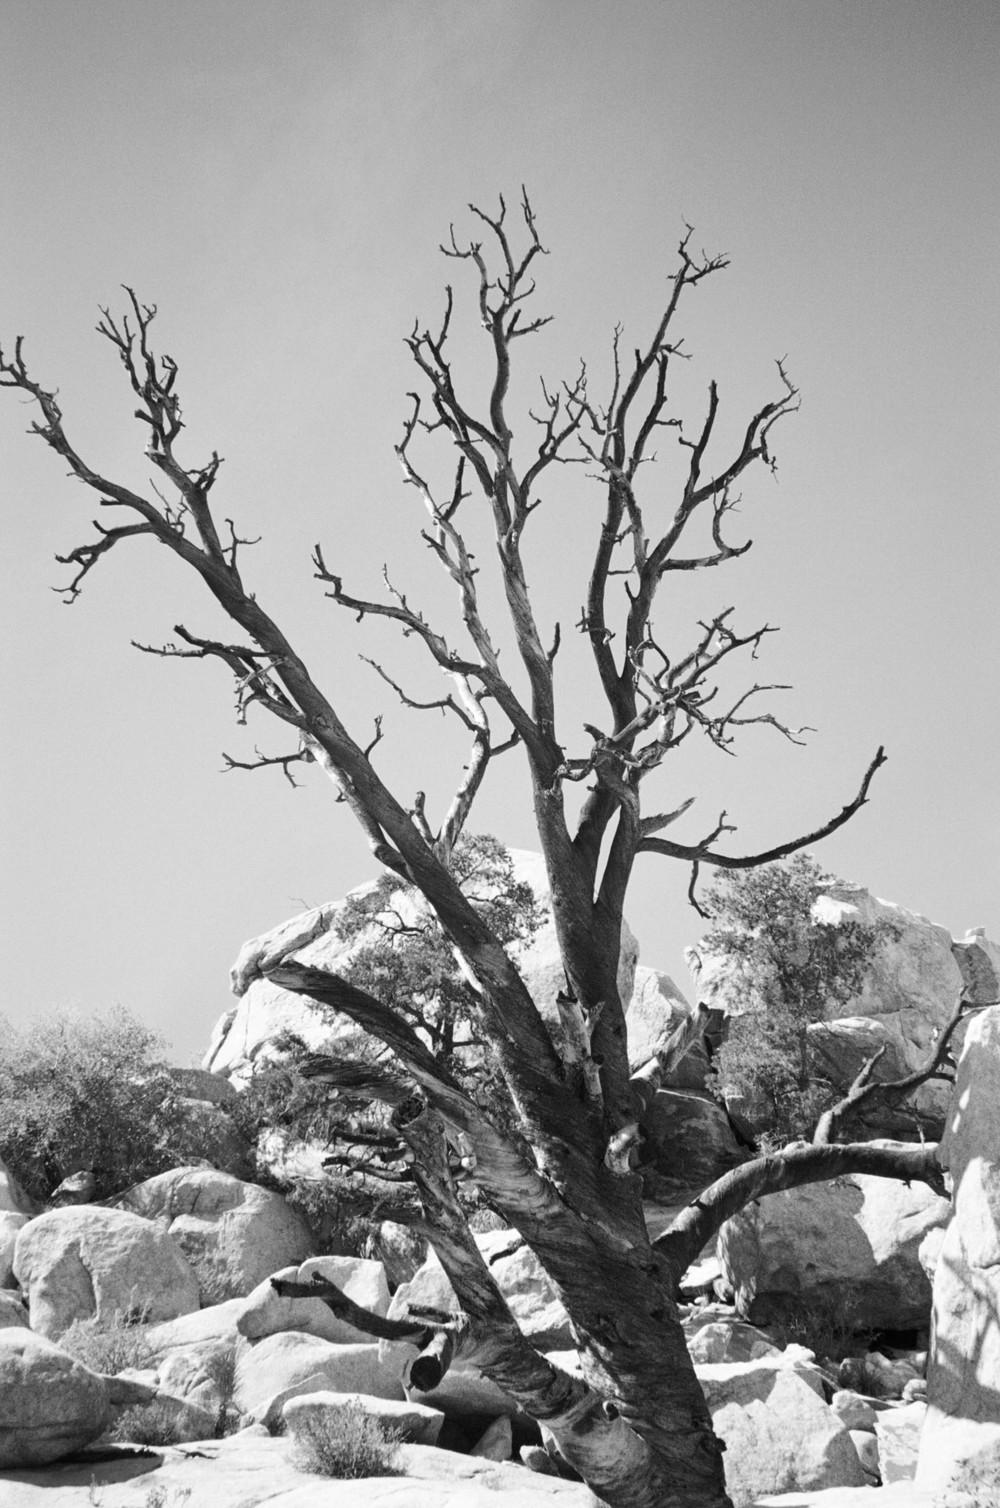 Joshua-Tree-Film-Tree-bw-casenruiz.jpg